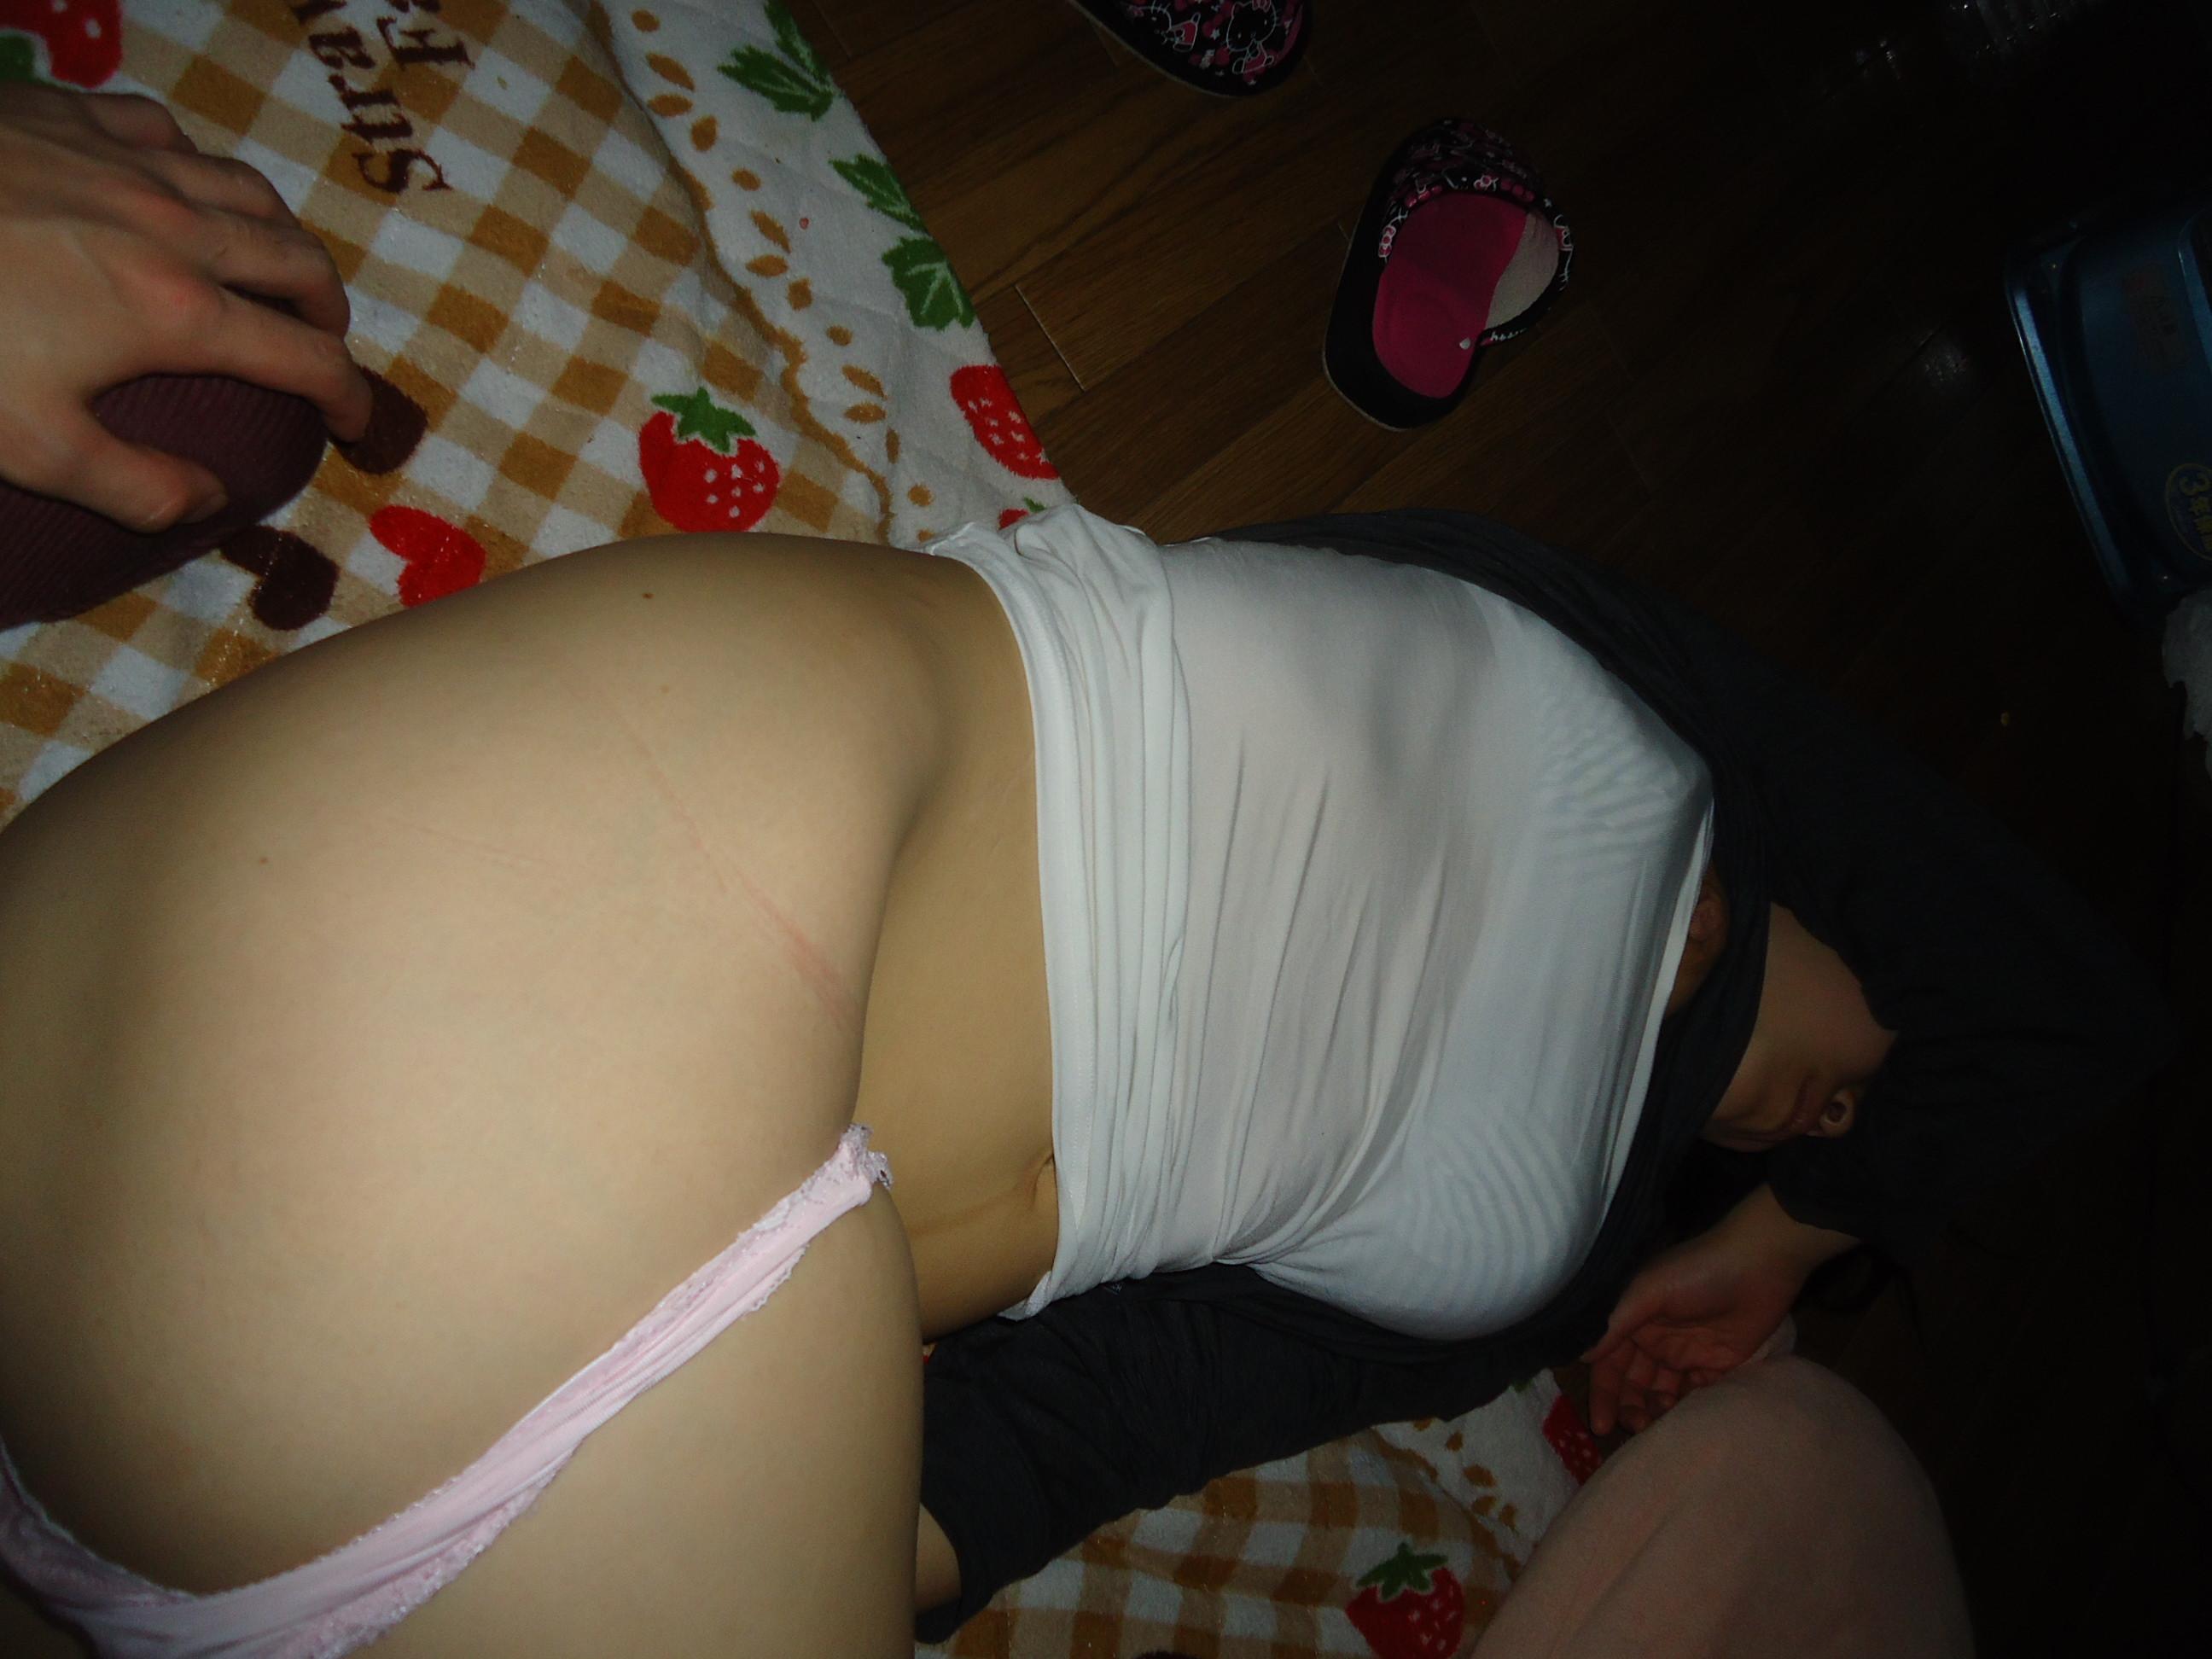 セックス直後に寝てる彼女のエロ写メwwwおまんこおっぱいバッチリ撮ってますwww 2329